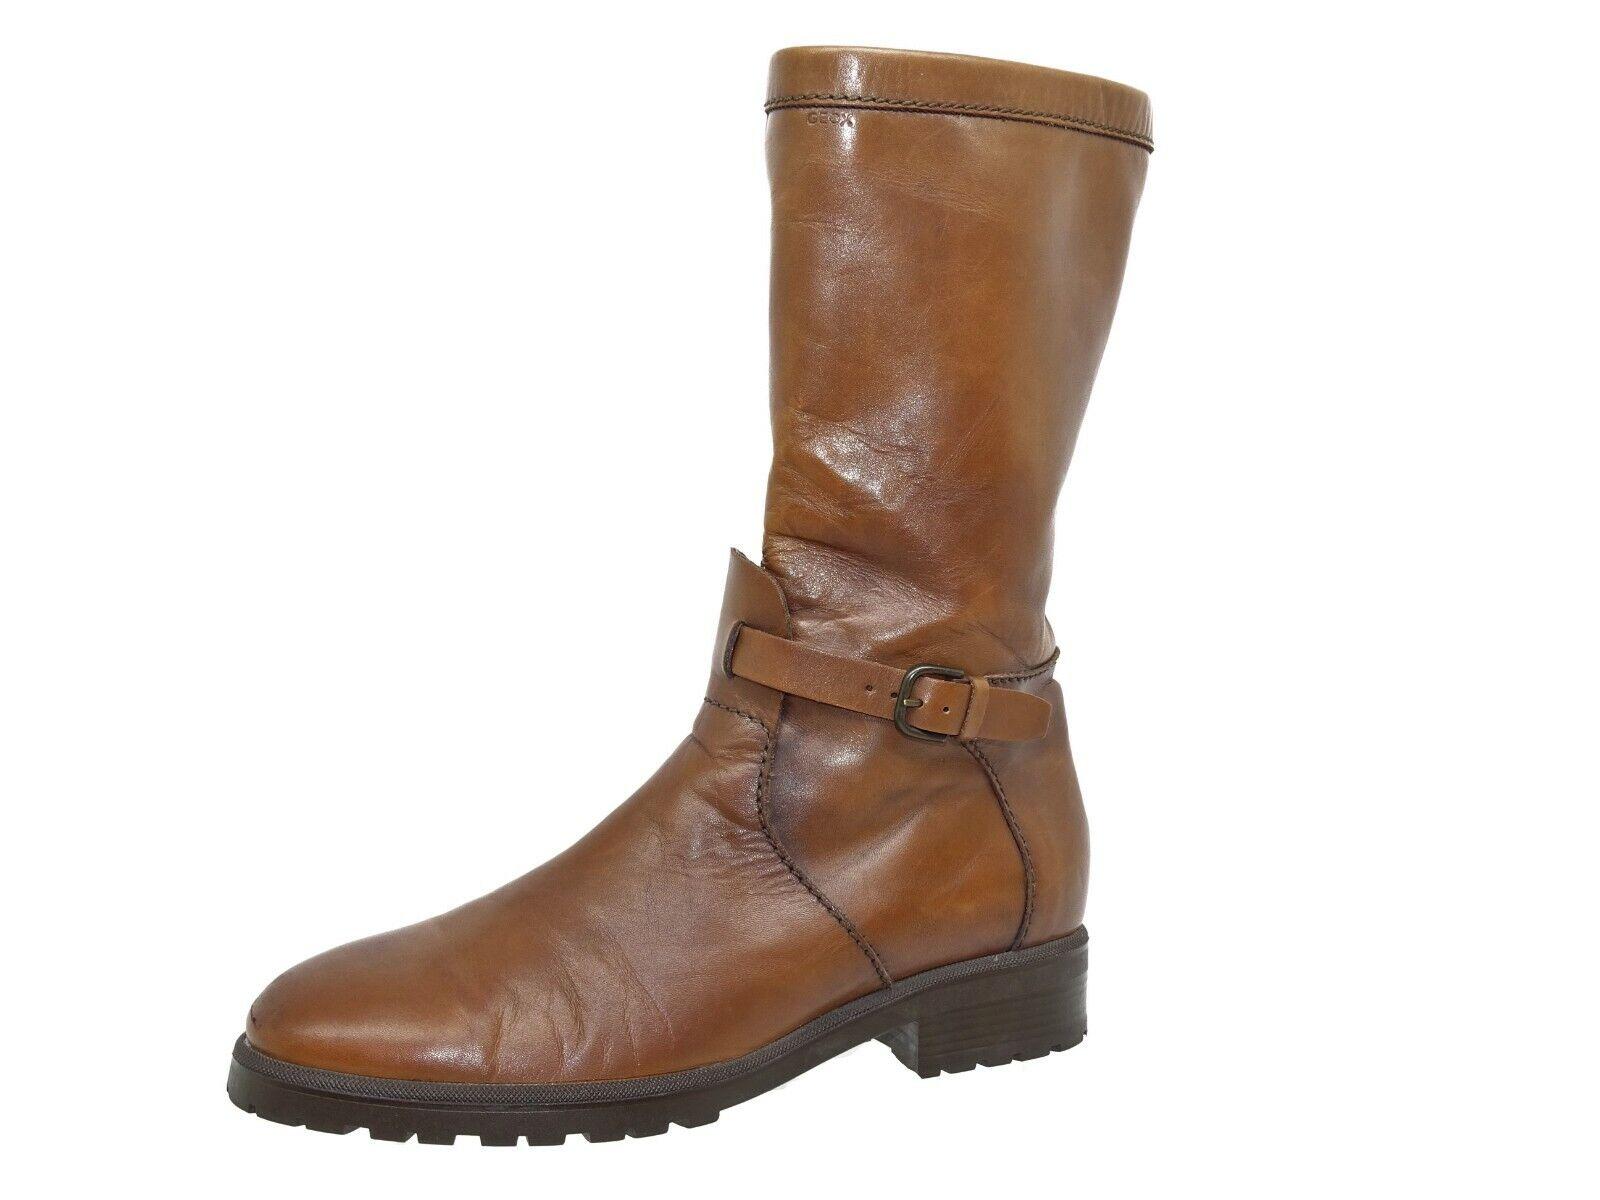 Stiefeletten Geox günstig und in großer Auswahl Stiefel